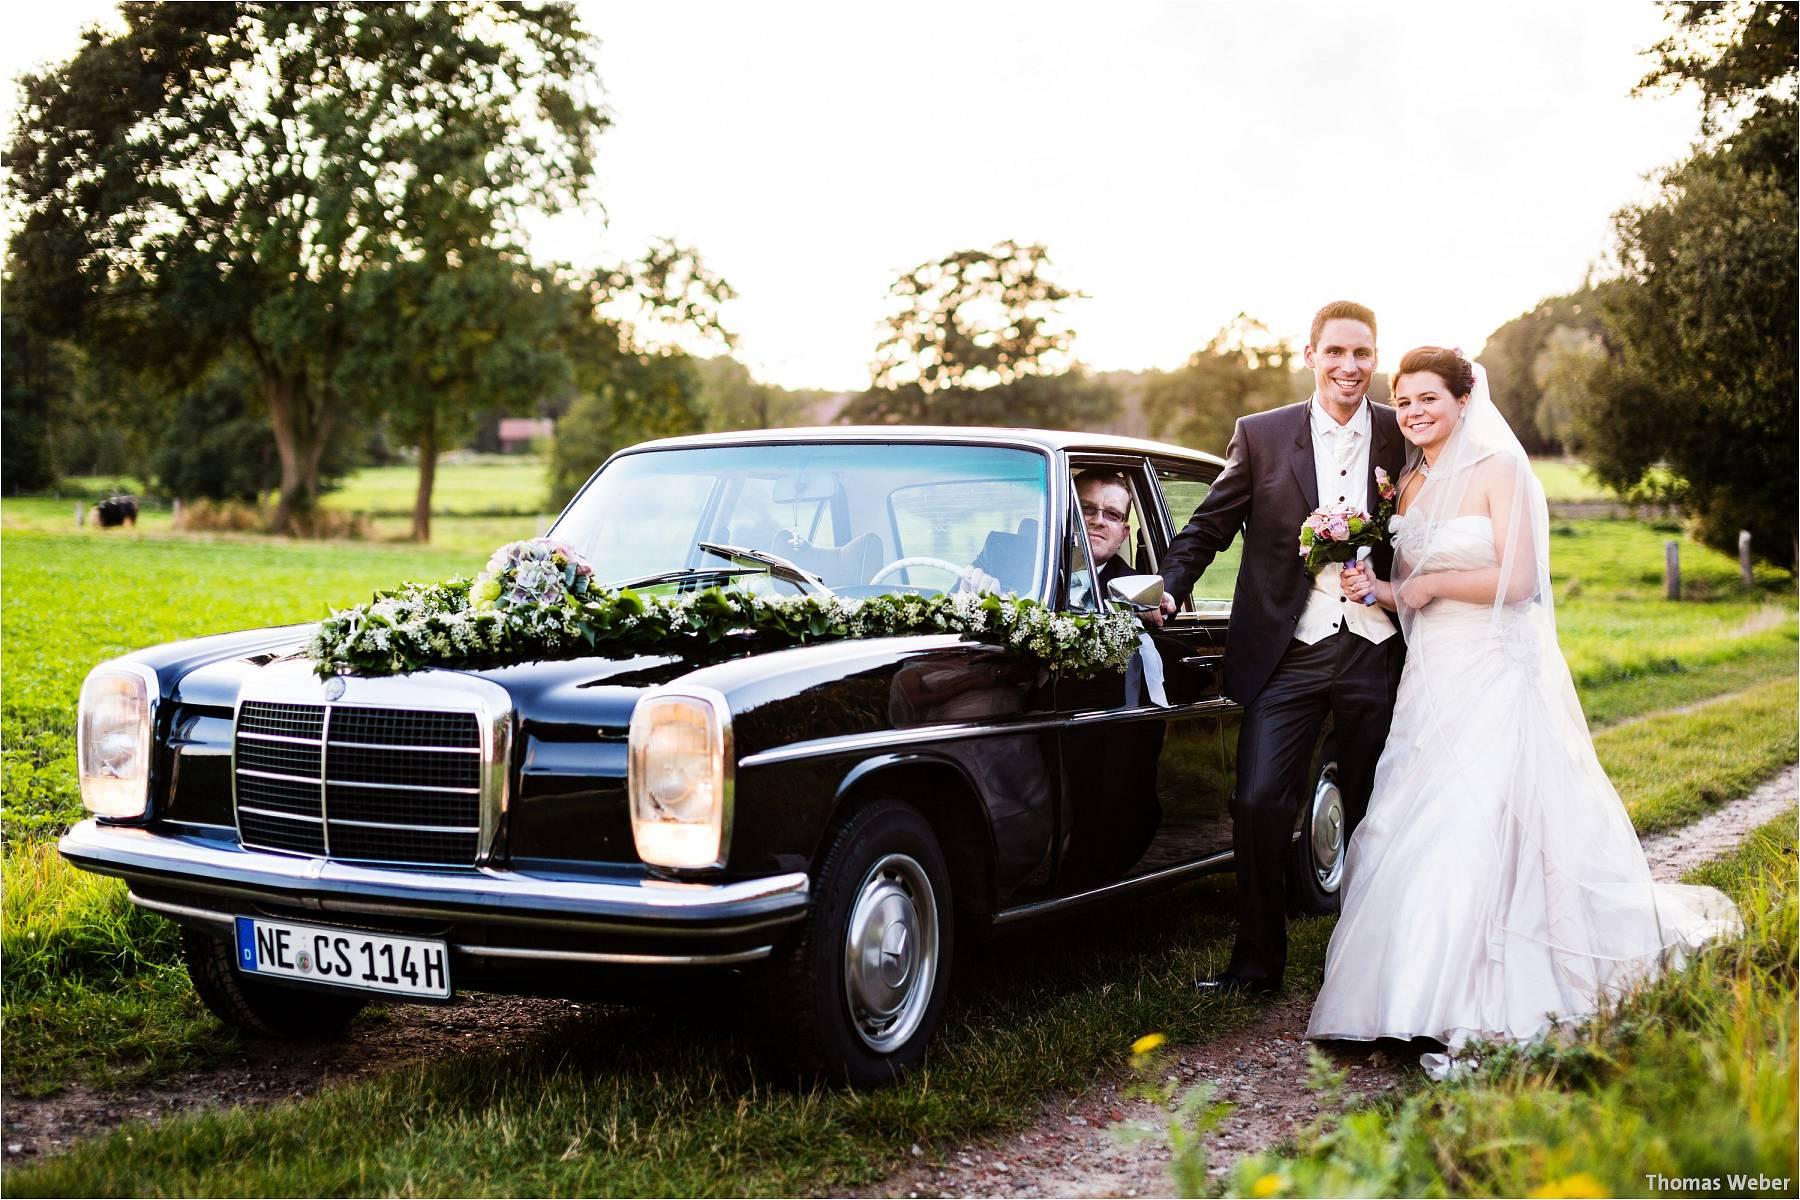 Hochzeitsfotograf Bremen: Kirchliche Trauung in der Propsteikirche St. Johann im Bremer Schnoor und Hochzeitsfeier bei Rogge Dünsen (27)